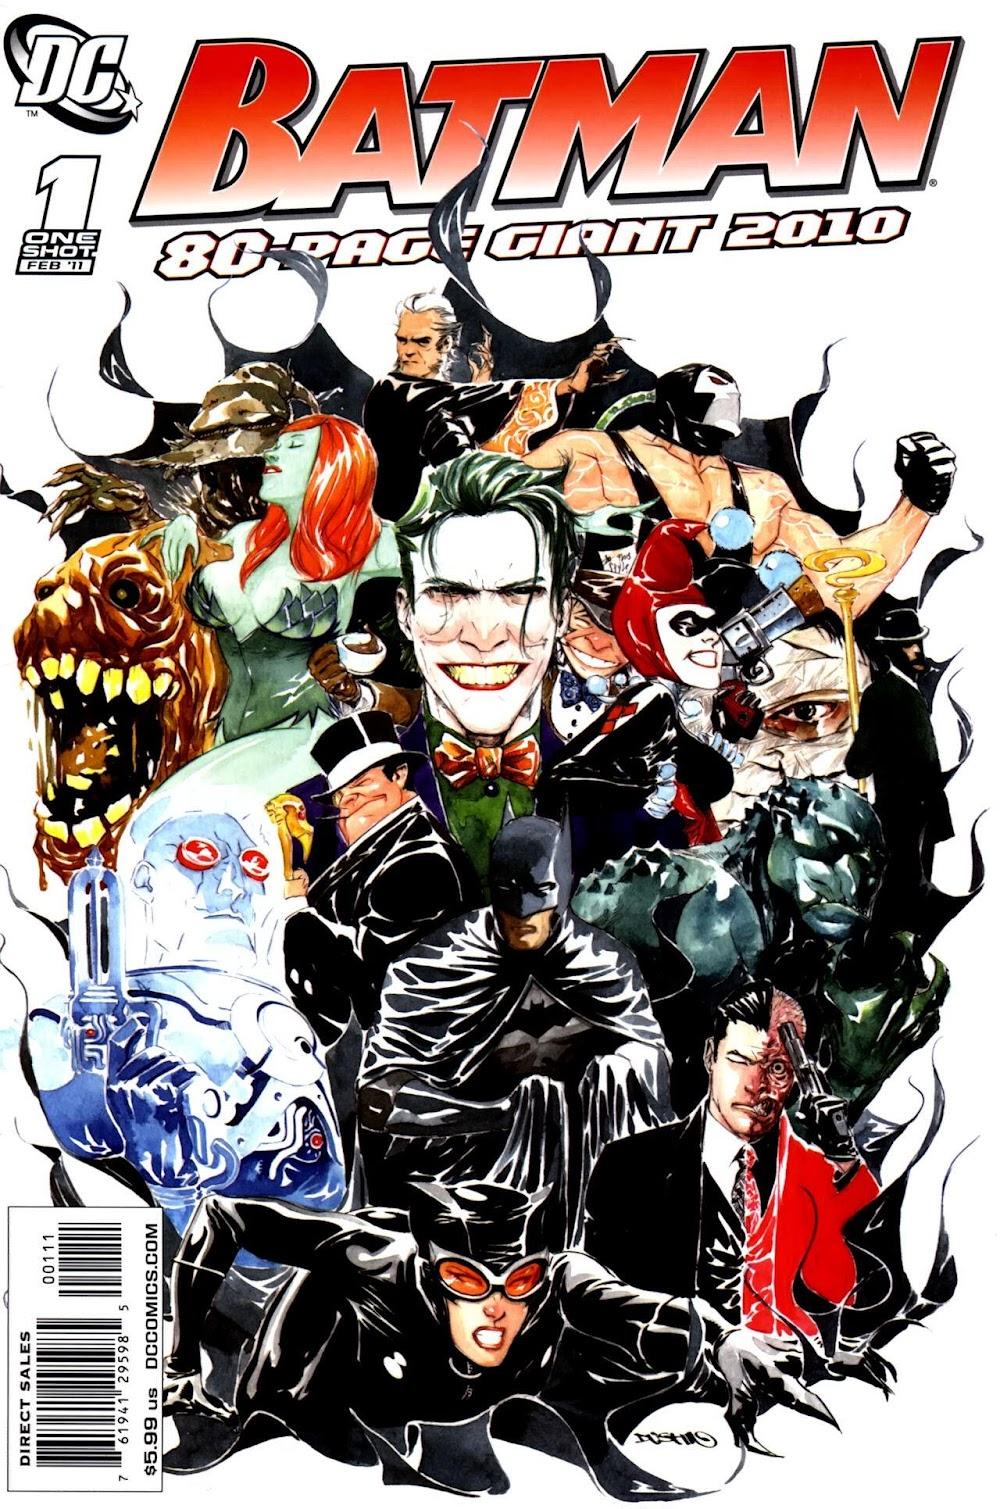 Batman - 80 Page Giant (2011)